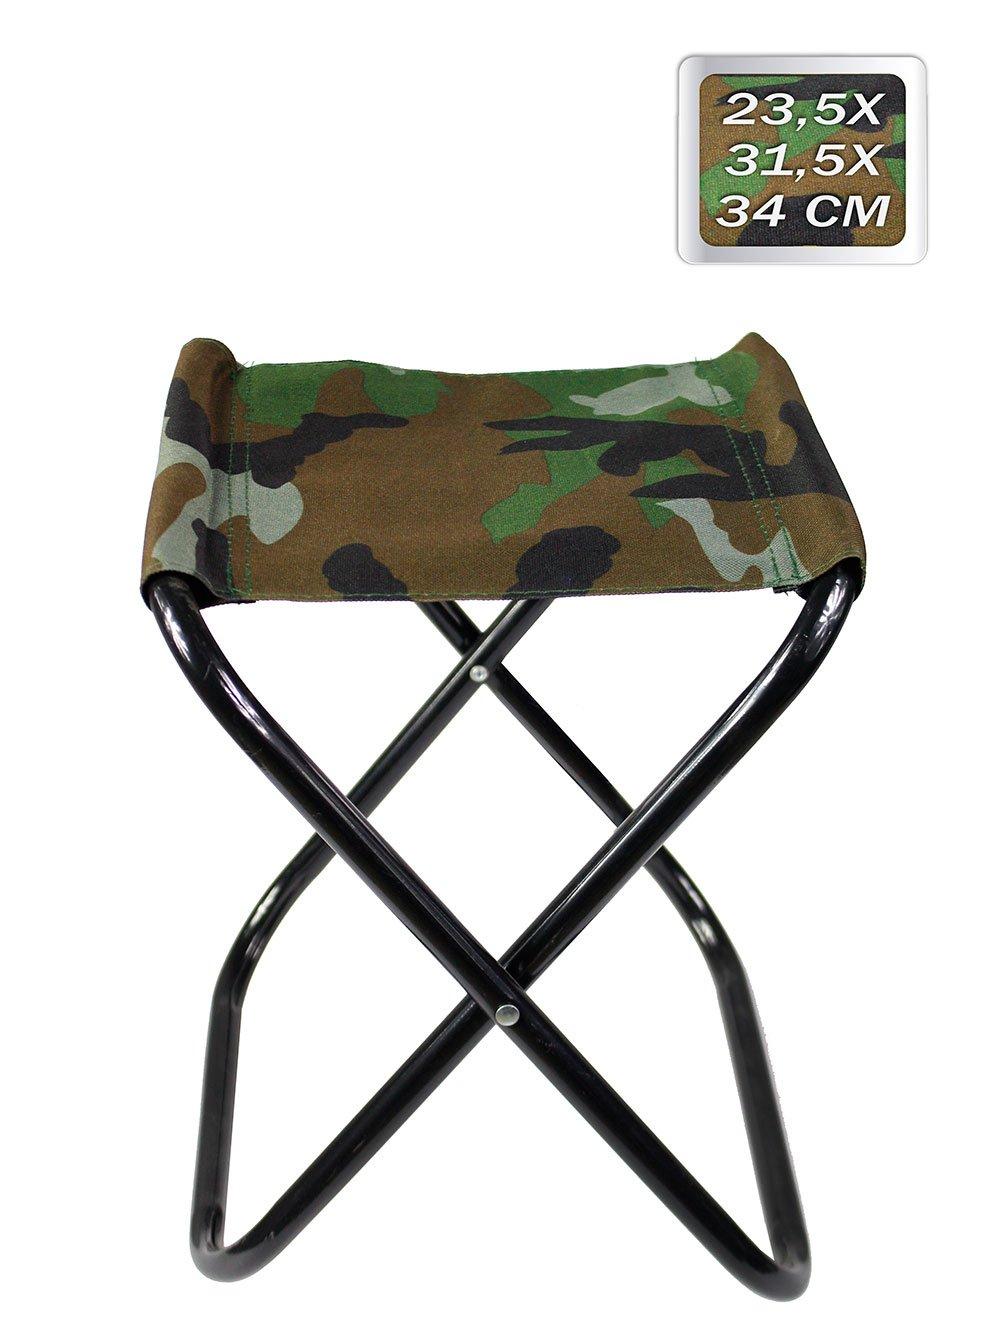 Vetrineinrete® Sgabello pieghevole militare portatile pratico e comodo per pesca campeggio montagna mare leggero e maneggevole sedia da portare in giro 34 x 27 cm fino a 85kg F31